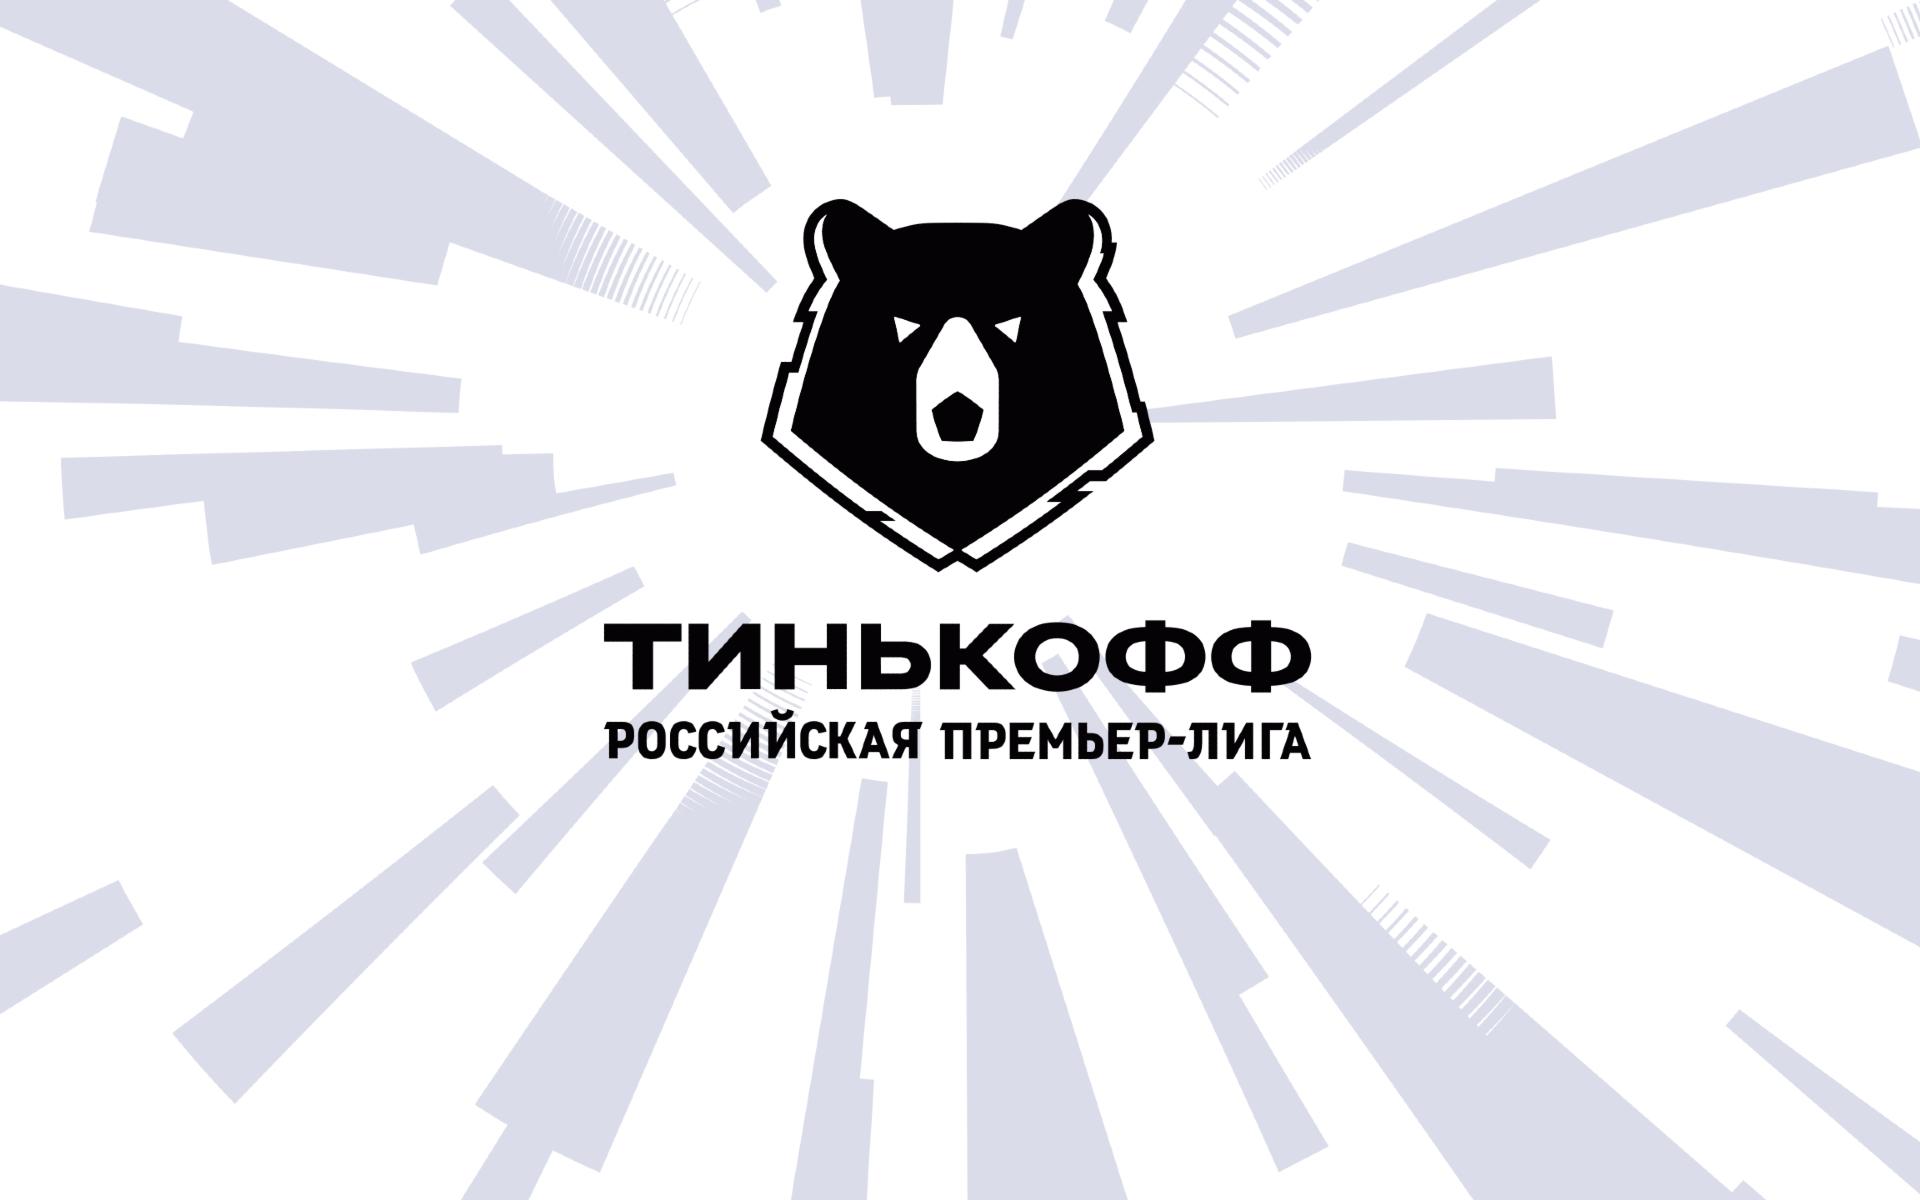 Фото: premierliga.ru